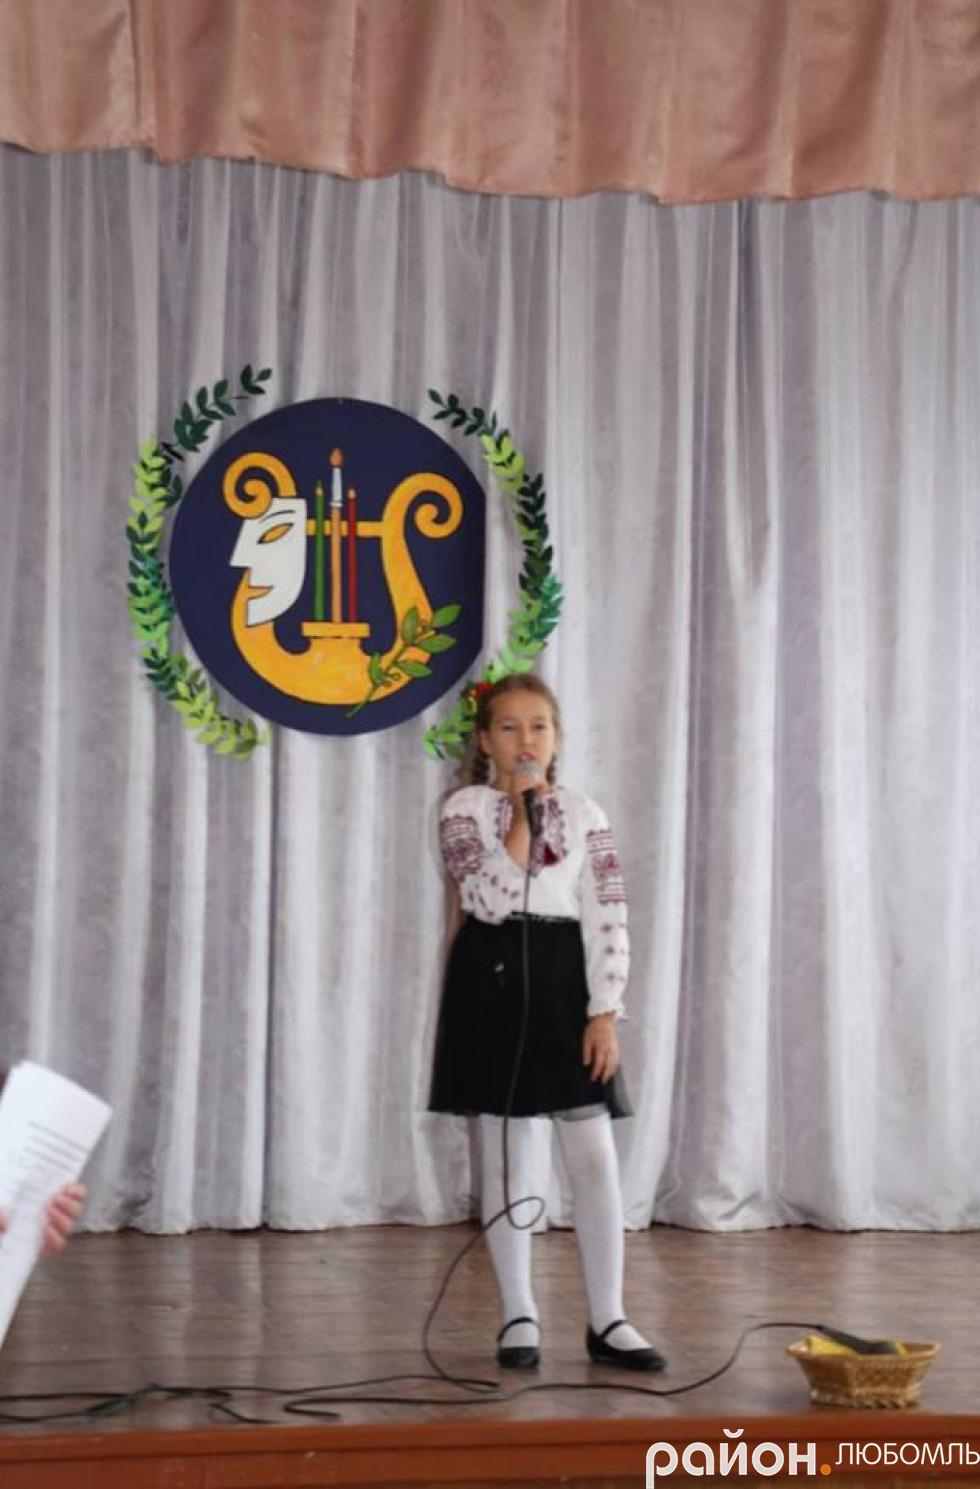 Вихованці вокального гуртка подарували пісенні номери.